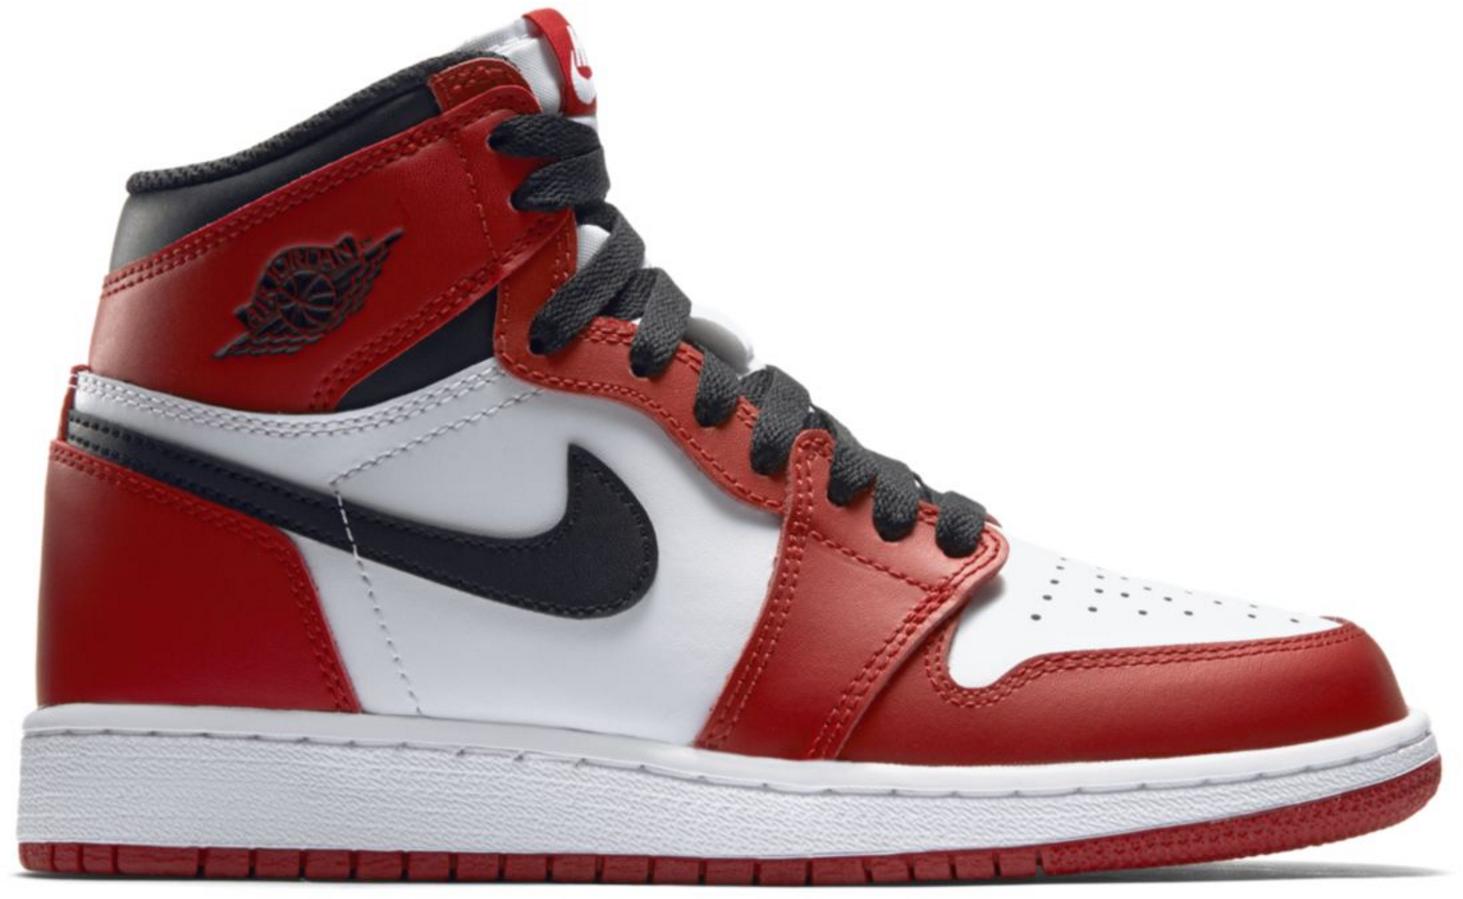 Jordan 1 Retro Chicago 2015 (GS)